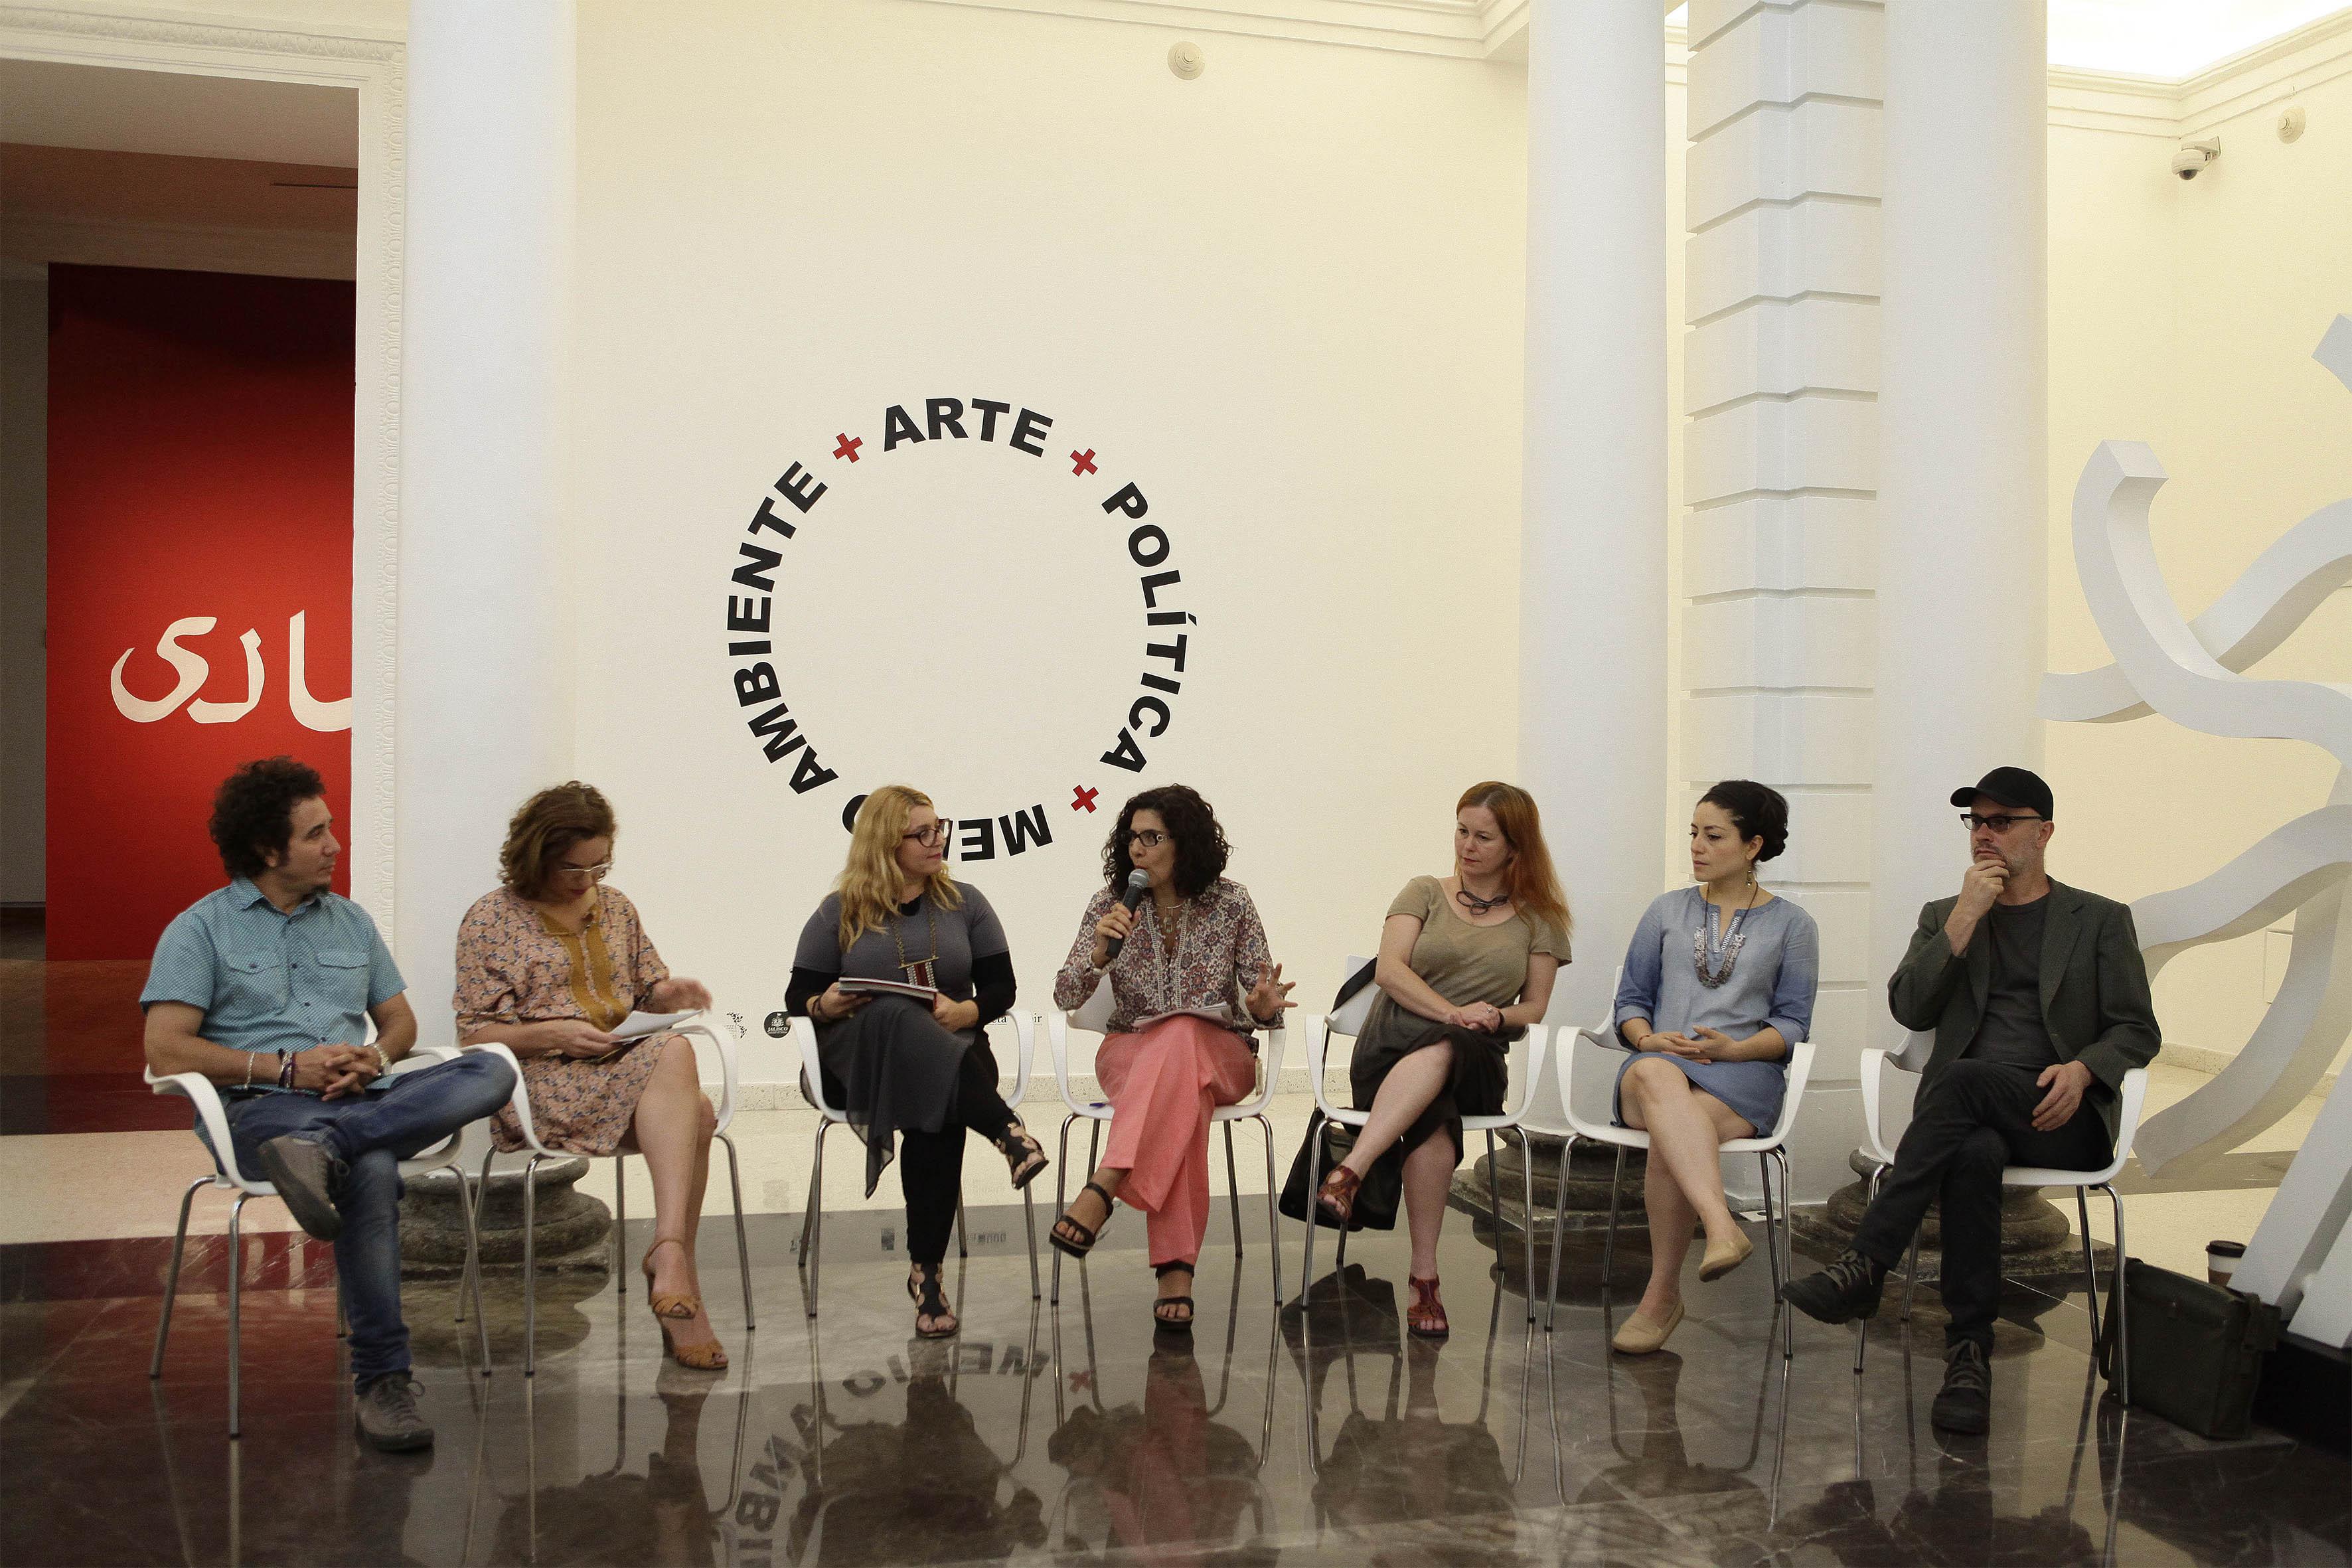 DAGMARA WYSKIEL LLEGA A GUADALAJARA EN EXPOSICIÓN  ARTE + POLÍTICA + MEDIO AMBIENTE